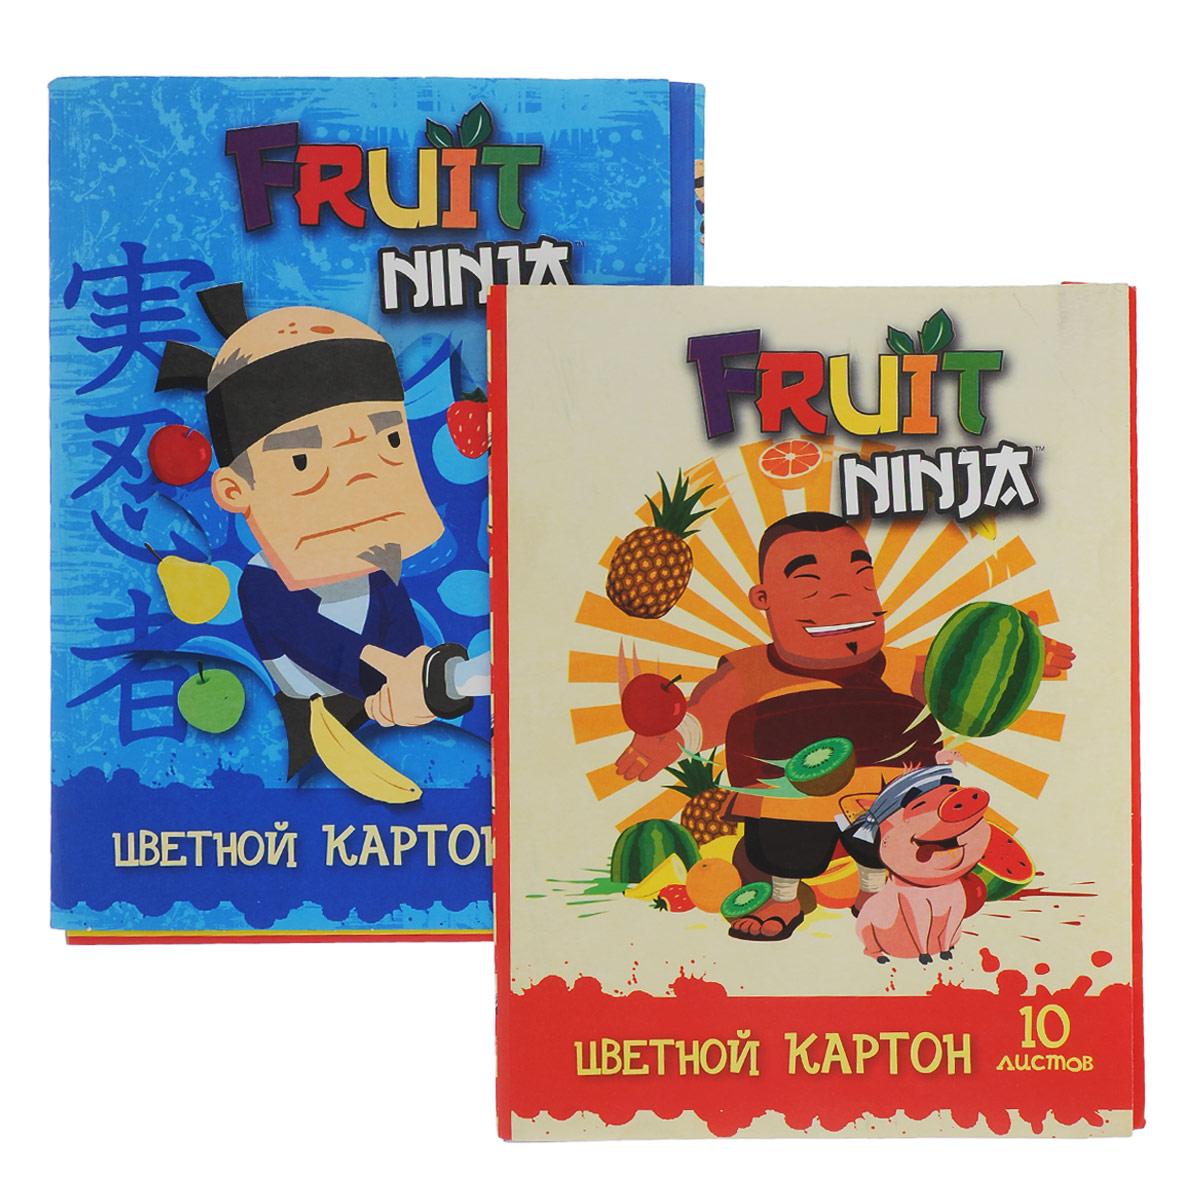 Набор цветного картона Action!: Fruit Ninja, 20 цв, формат А4 -упаковка-2дизайнаFN-CC-10/10Набор цветного картона Action!: Fruit Ninja позволит создавать всевозможные аппликации и поделки. Набор включает 20 листов одностороннего цветного картона формата А4. Цвета: желтый, красный, золотистый, серебристый, синий, коричневый, белый, оранжевый, зеленый, черный. Создание поделок из цветного картона позволяет ребенку развивать творческие способности, кроме того, это увлекательный досуг. Набор упакован в картонную папку с изображением Fruit Ninja. УВАЖАЕМЫЕ КЛИЕНТЫ! Обращаем ваше внимание на возможные изменения в дизайне, связанные с ассортиментом продукции: обложки альбомов могут отличаться от представленных на изображениях. Поставка осуществляется в зависимости от наличия на складе.